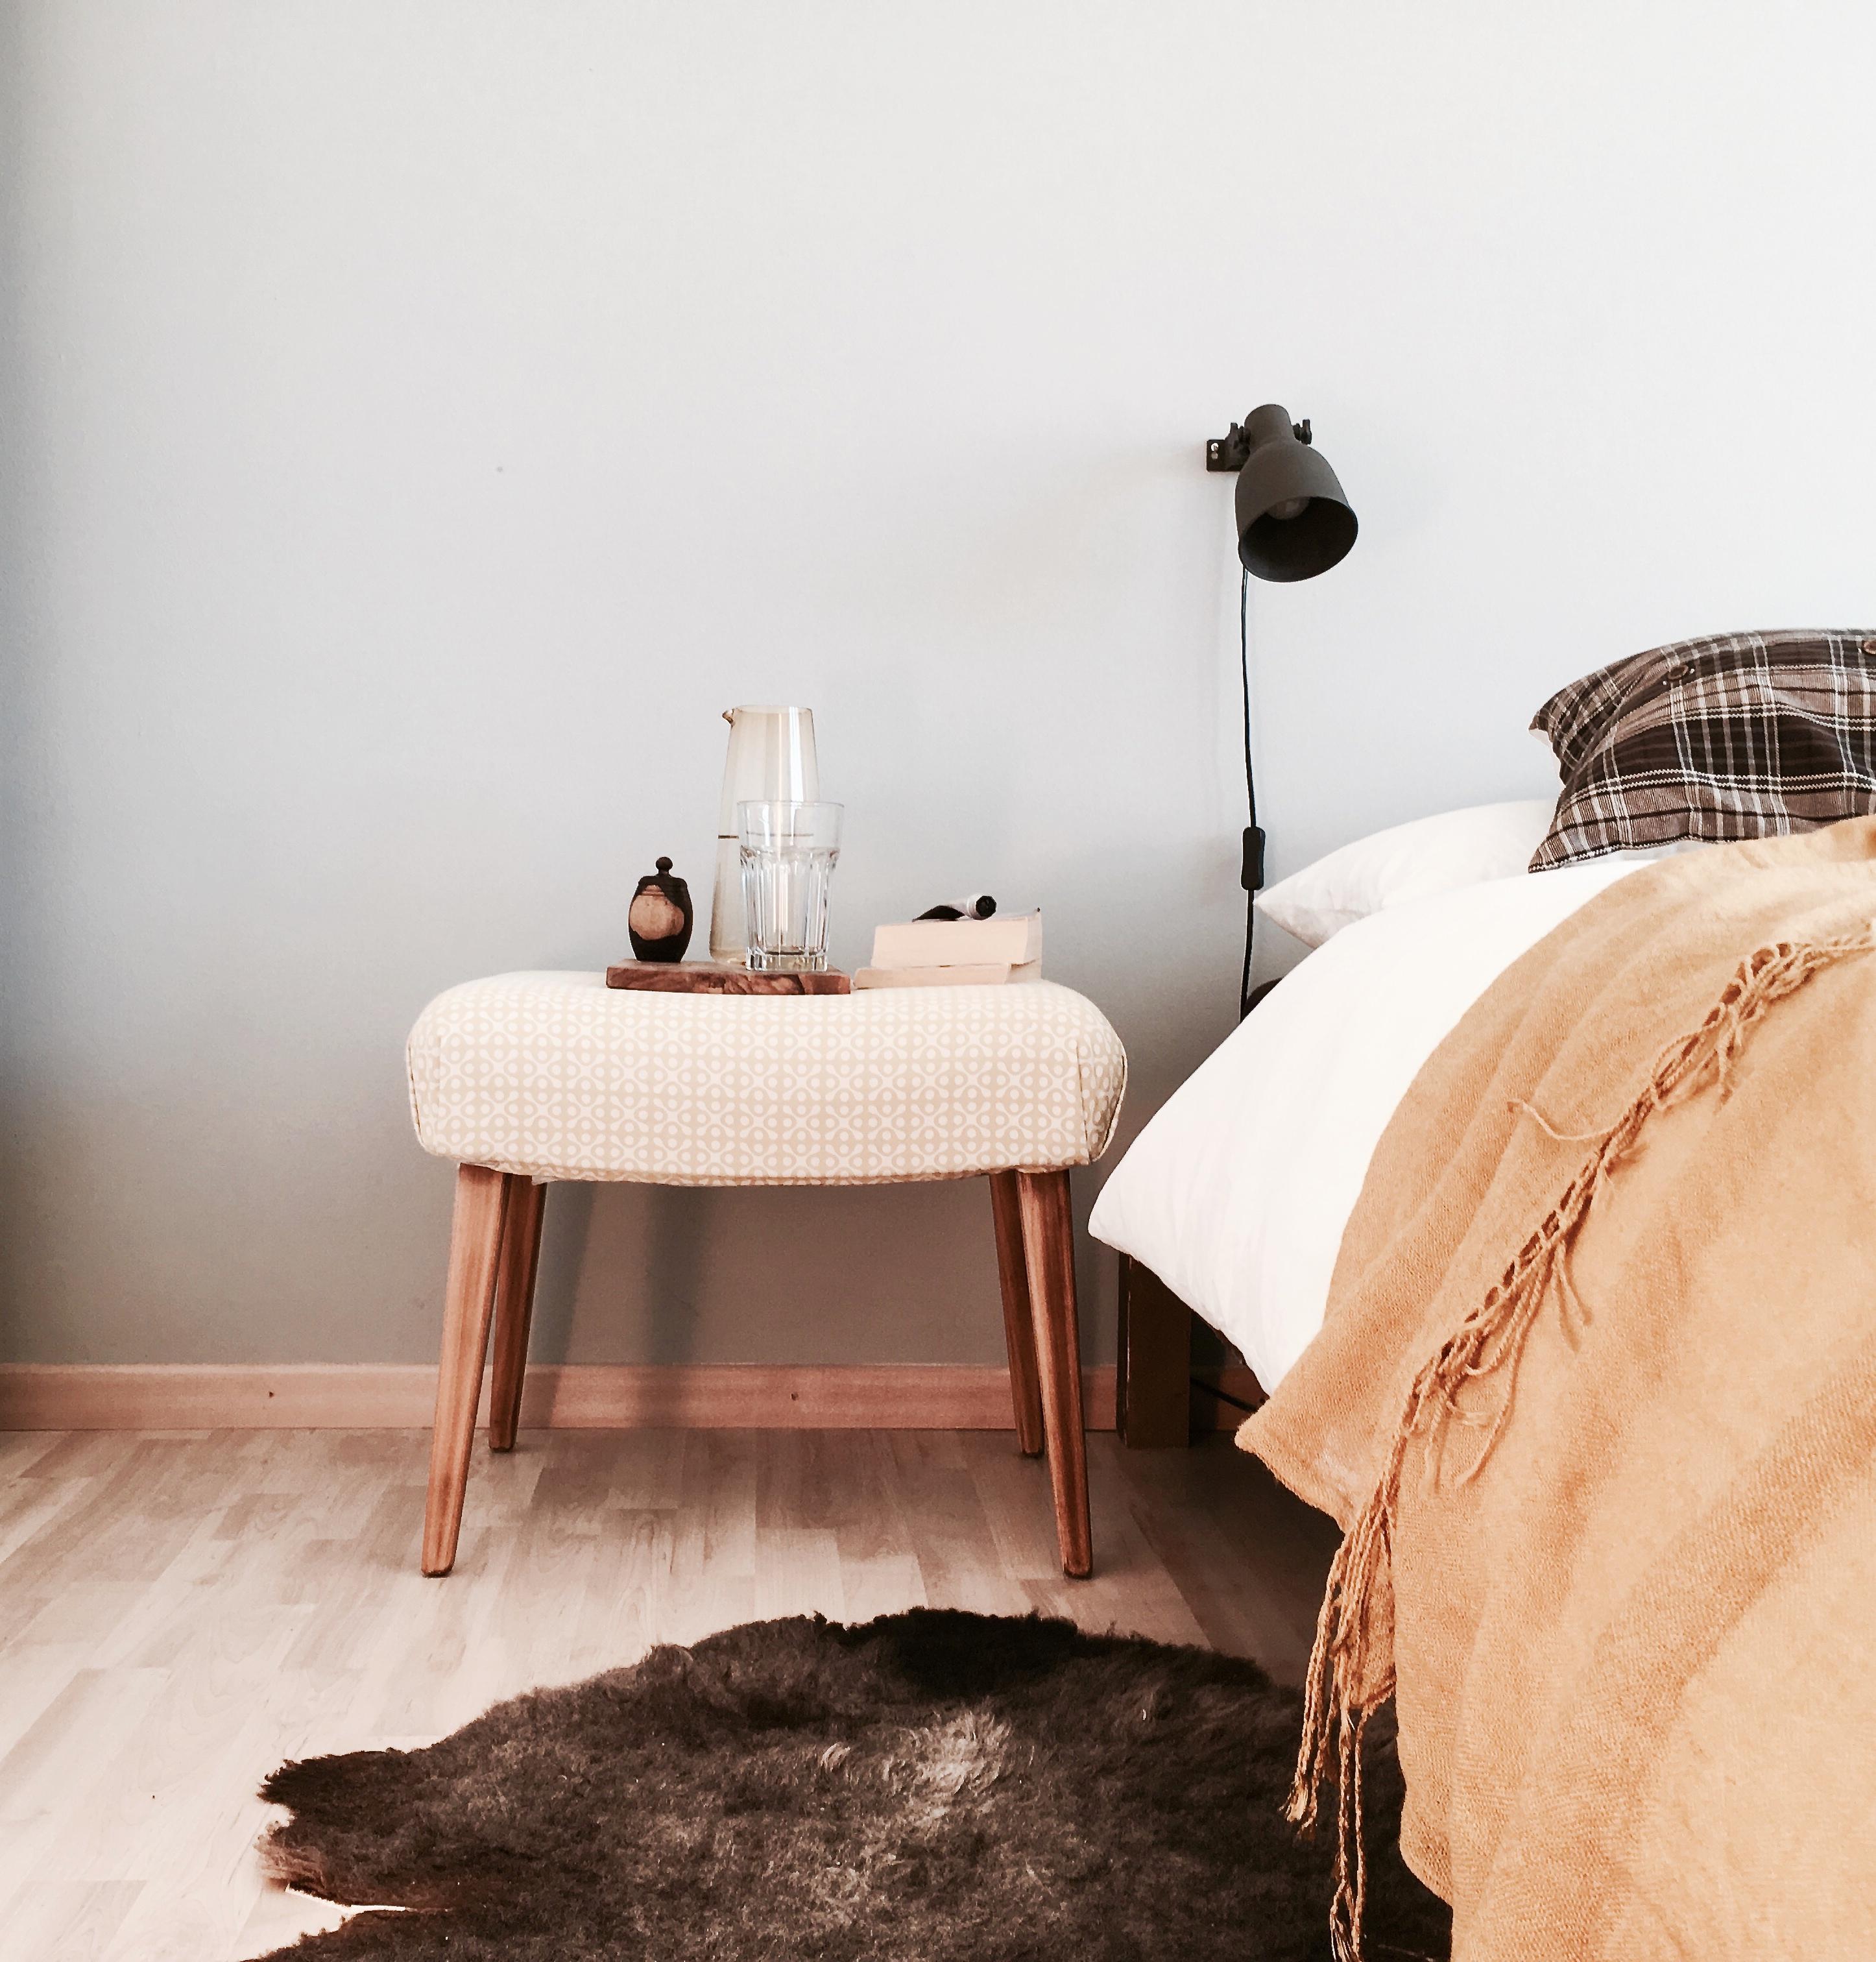 Schlafzimmer In Herbstlichen Farben #vondirinspiriert #schlafzimmer  #herbstfarben #grau #senfgelb #